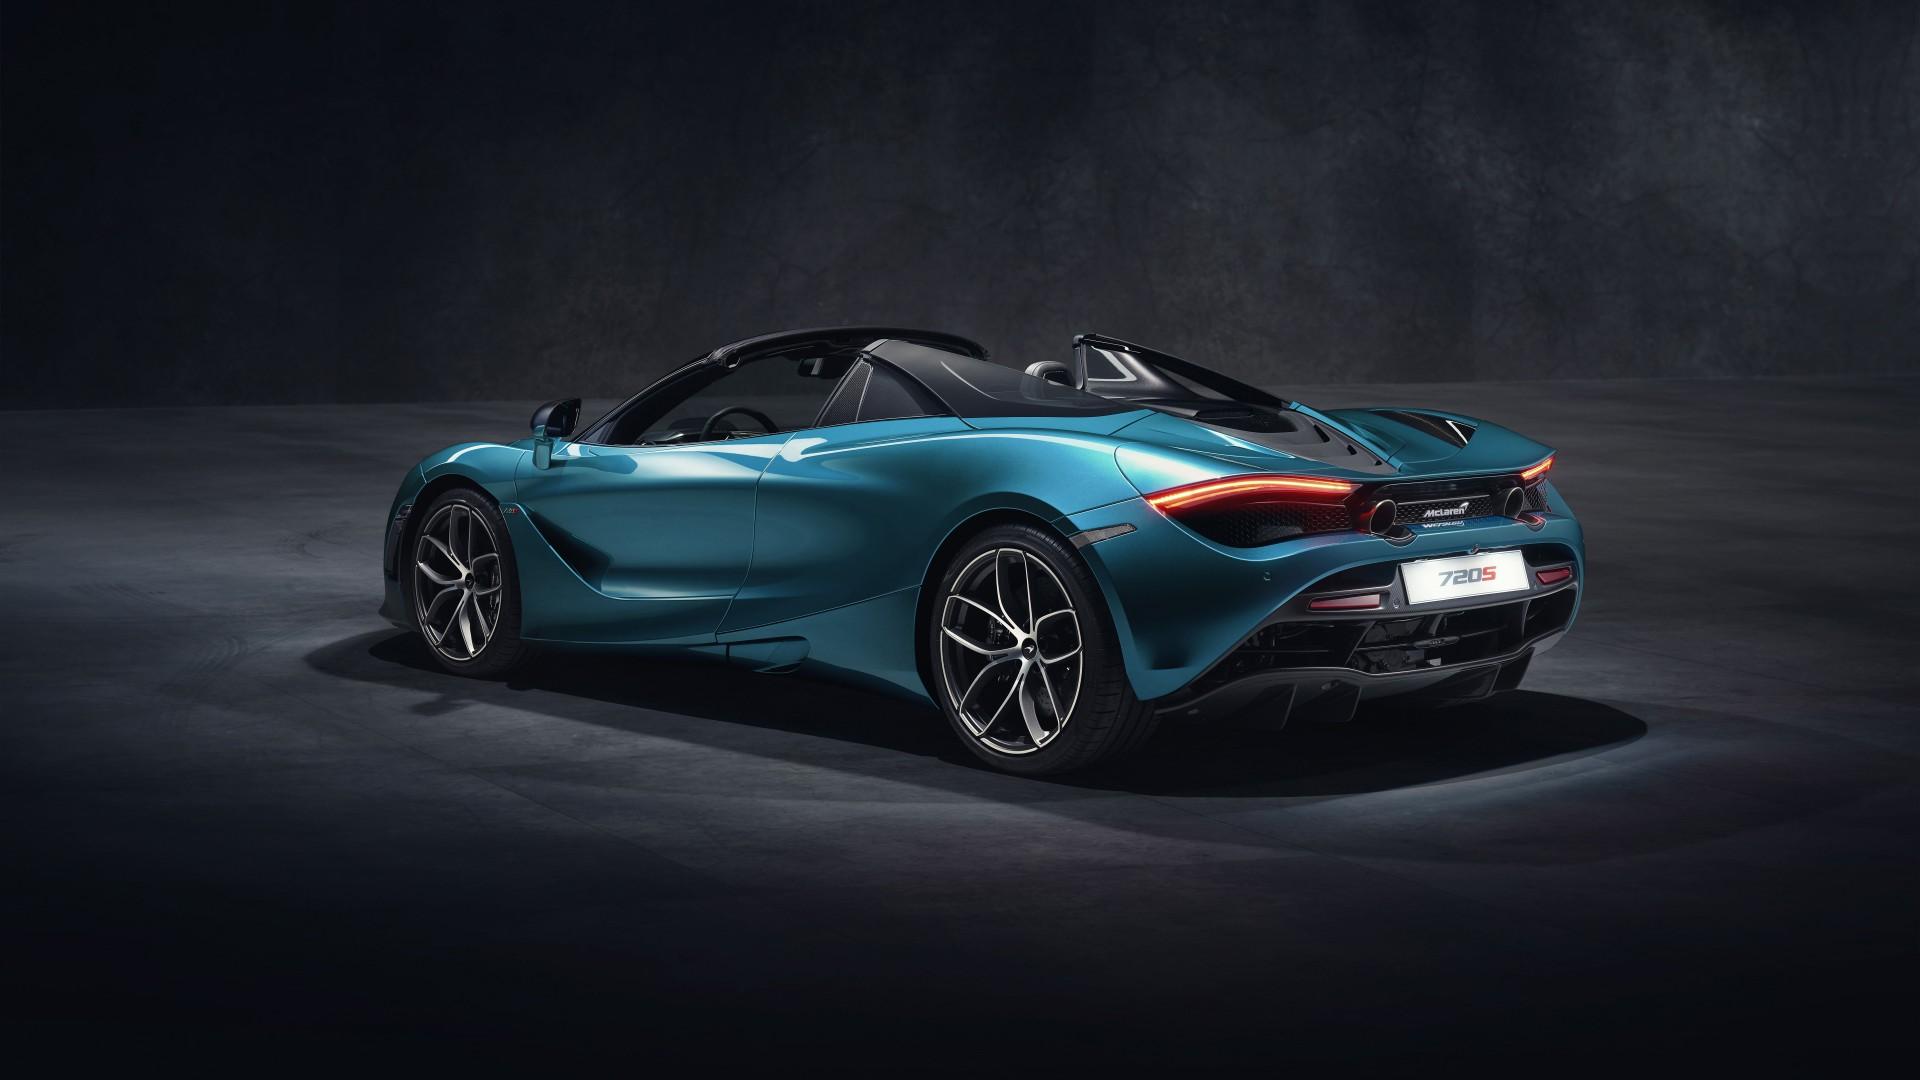 Cars Hd Wallpapers 1080p Lamborghini 2019 Mclaren 720s Spider 4k 3 Wallpaper Hd Car